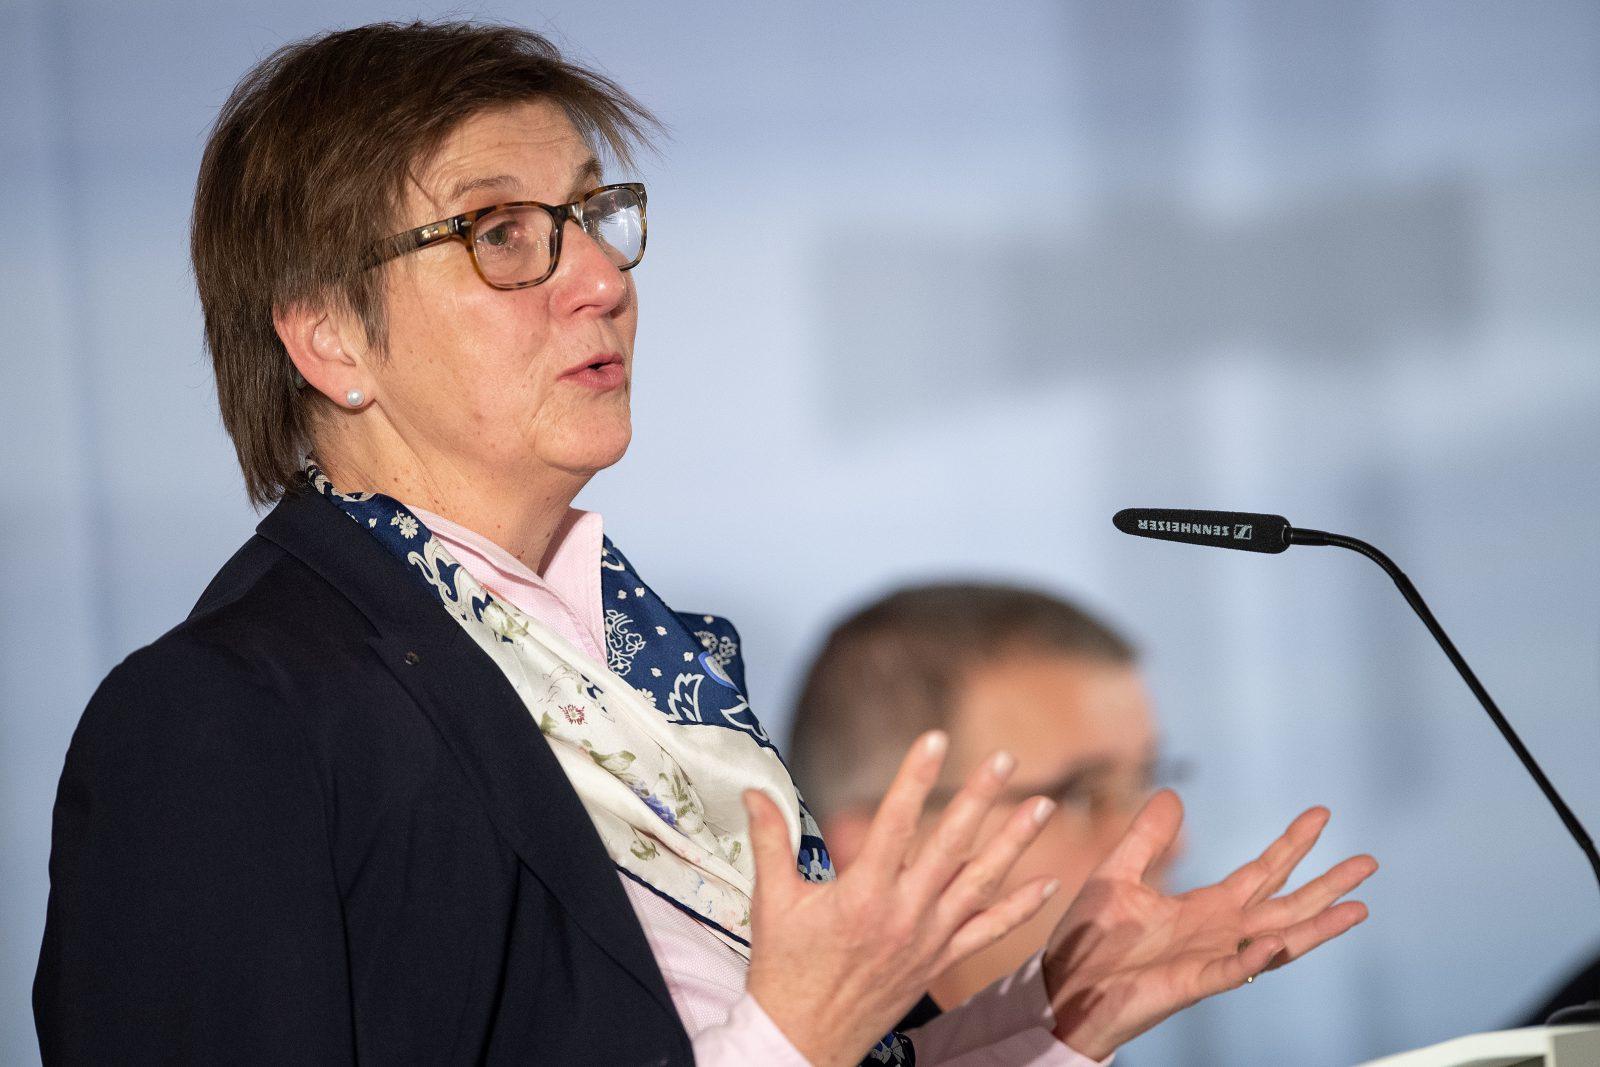 Die Vizepräsidentin des Zentralkomitees der deutschen Katholiken, Claudia Lücking-Michel, befürwortet die Frauenquote in der CDU Foto: picture alliance/Marius Becker/dpa